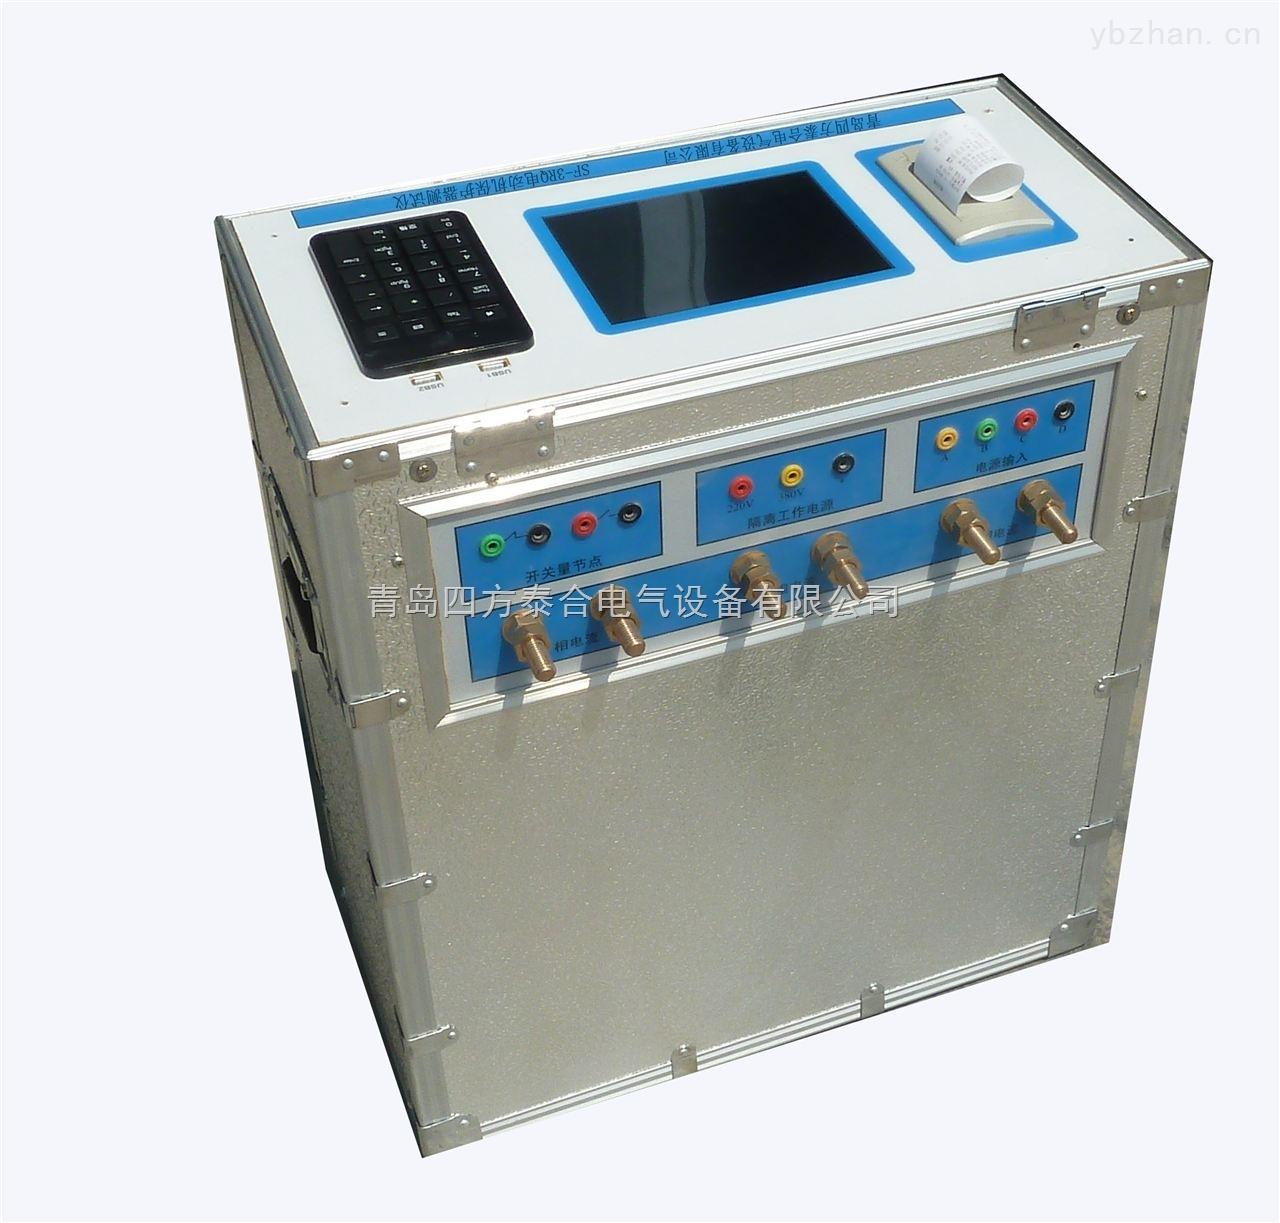 青岛四方泰合电气热继电器测试仪定做